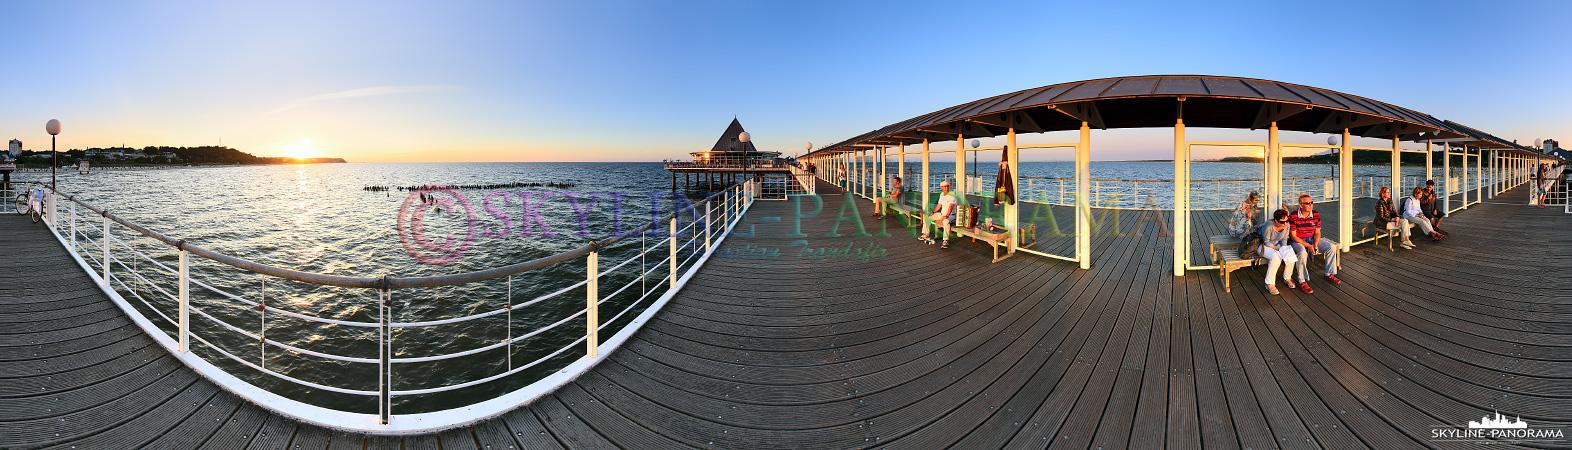 Ostsee Bilder - Auf der Seebrücke von Heringsdorf finden sich täglich zahlreiche Urlauber ein, um den Sonnenuntergang auf der Insel Usedom genießen zu können.